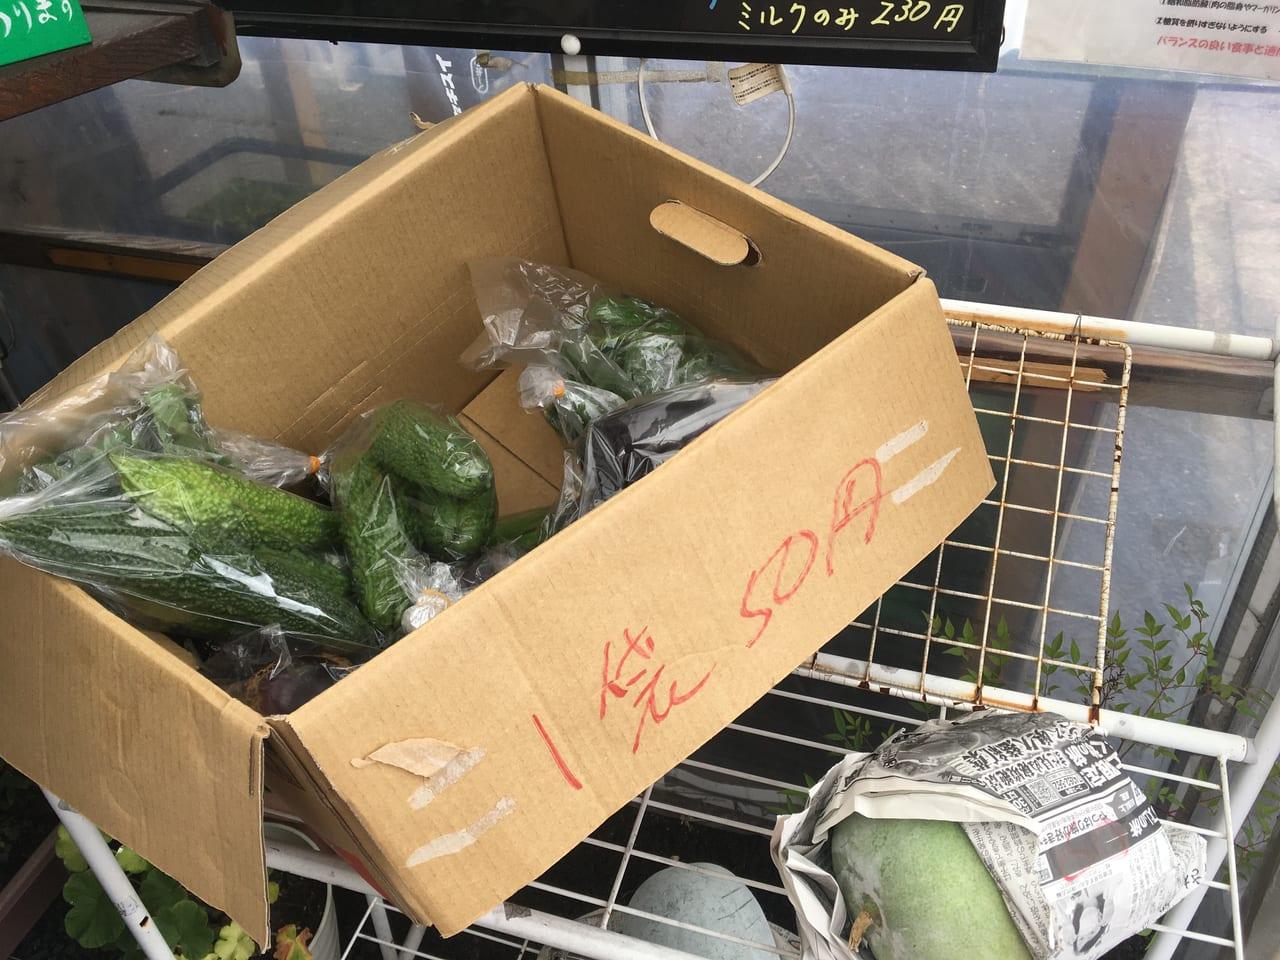 五平餅はっちゃんで販売していた野菜